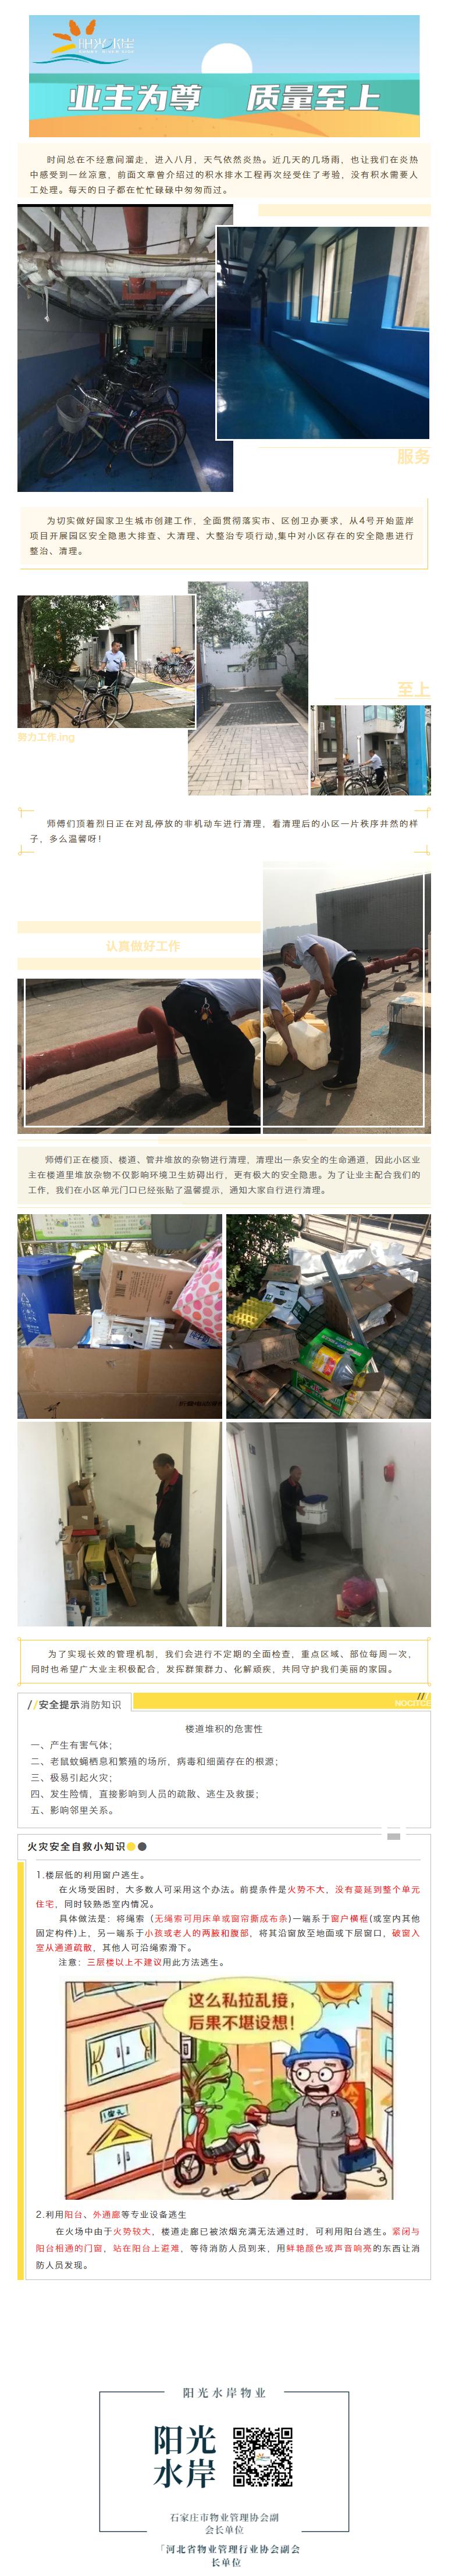 嘉实蓝岸 _ 蓝岸项目园区卫生整顿工作,八月秋渐凉,物业工作忙.png